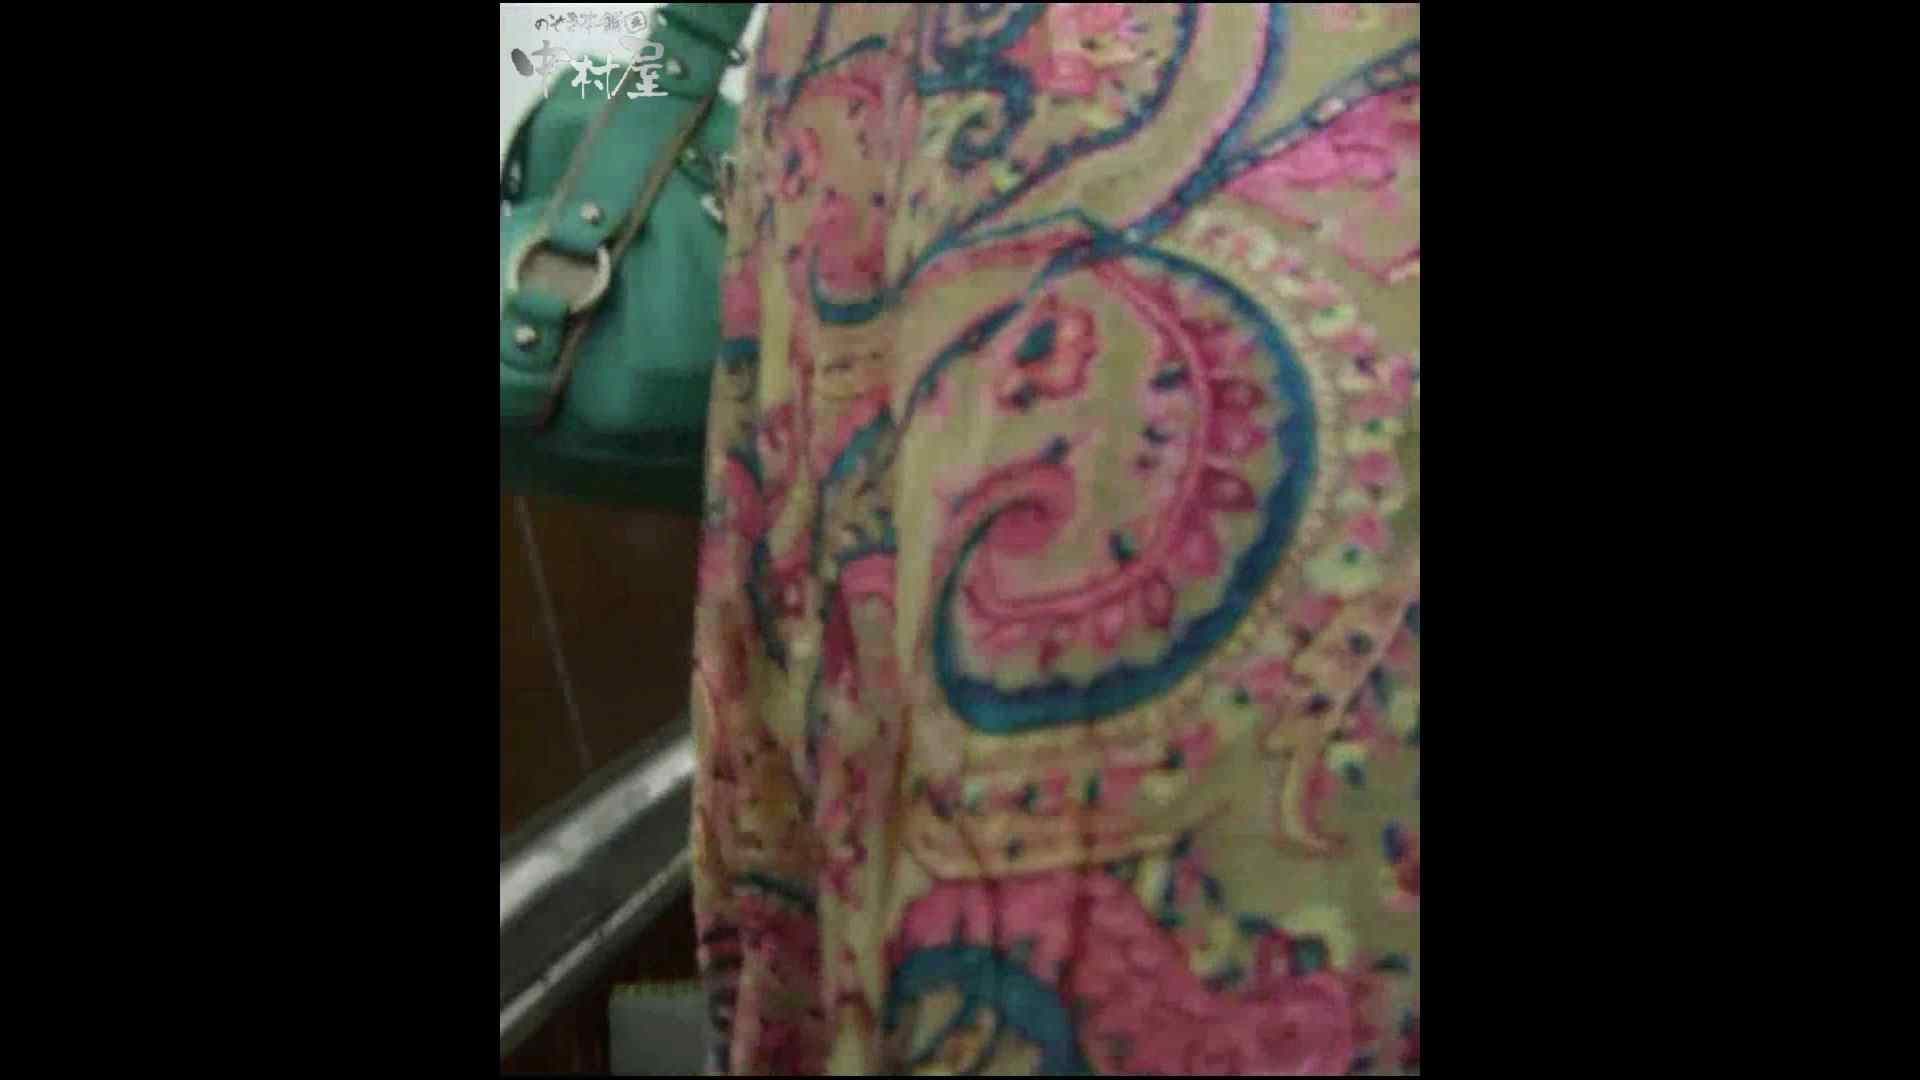 綺麗なモデルさんのスカート捲っちゃおう‼ vol11 モデルのエロ生活 | OLのエロ生活  68連発 31